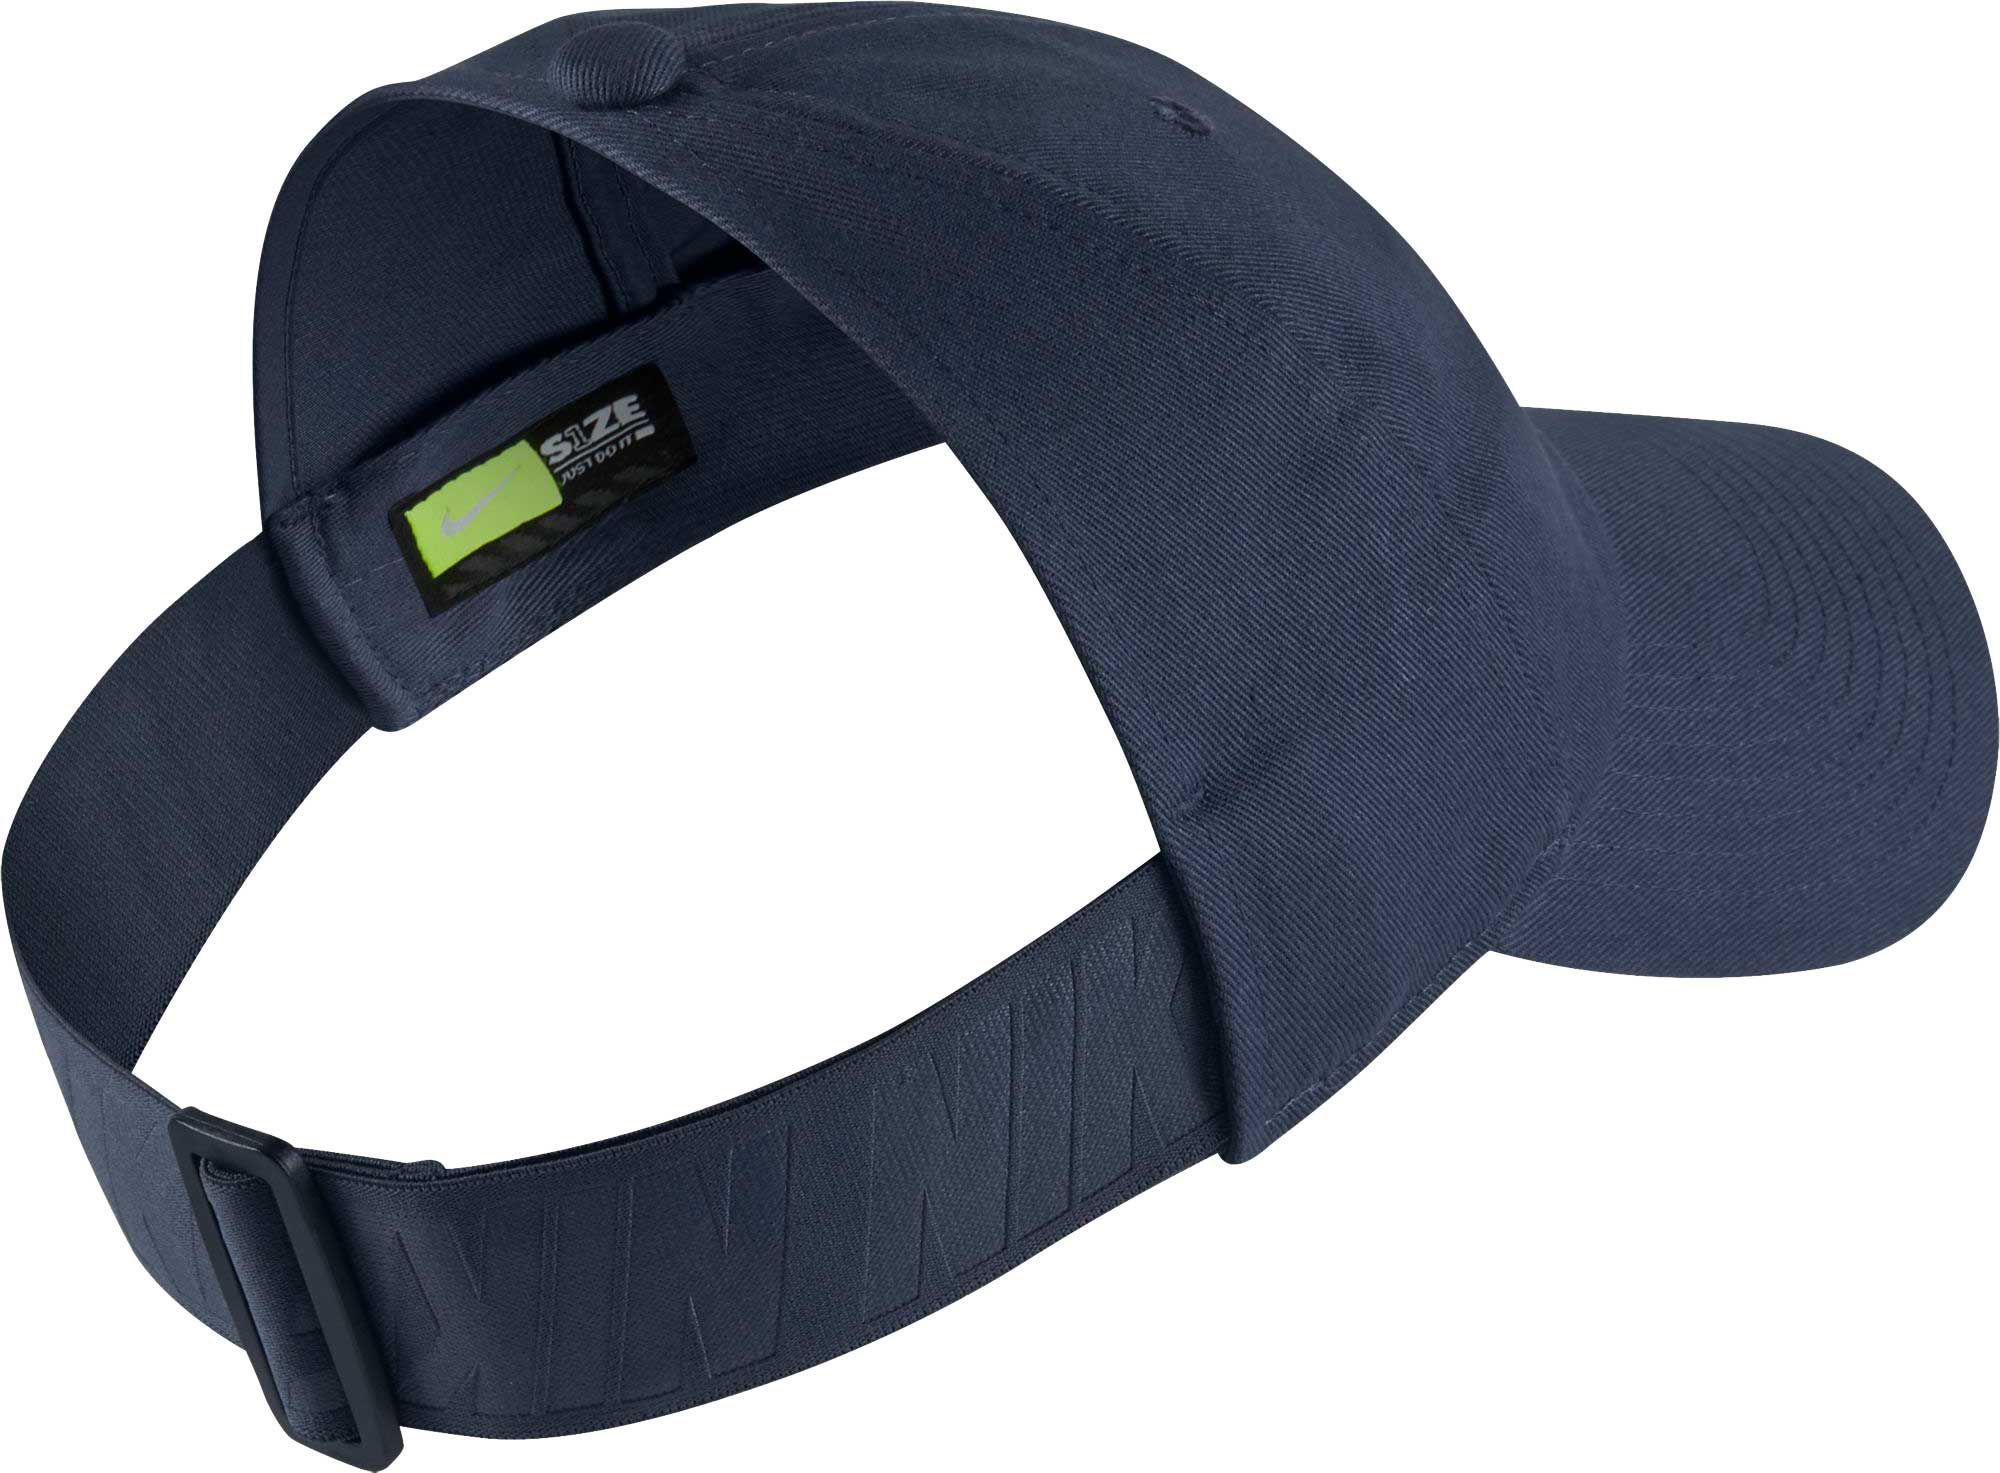 Lyst - Nike Sportswear Open Back Visor Hat in Blue 24bb7b5734f